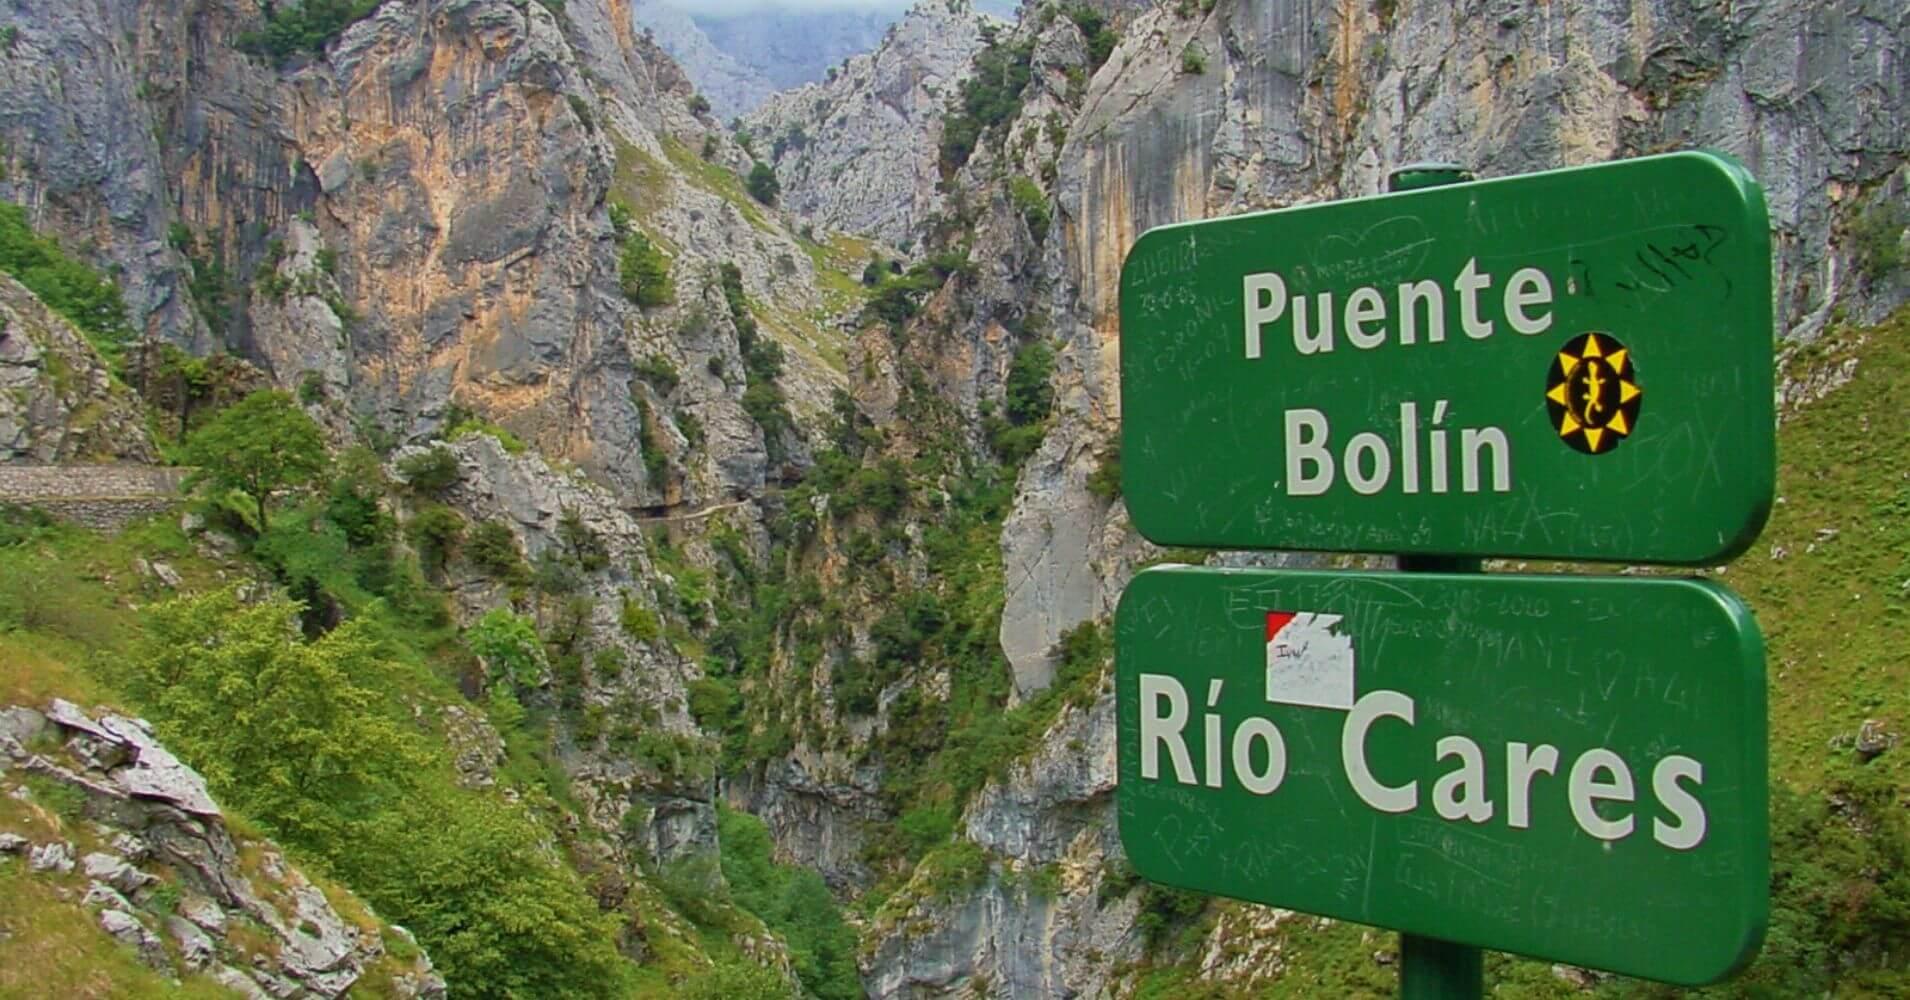 Puente de Bolín. Ruta del Cares, Caín, León.